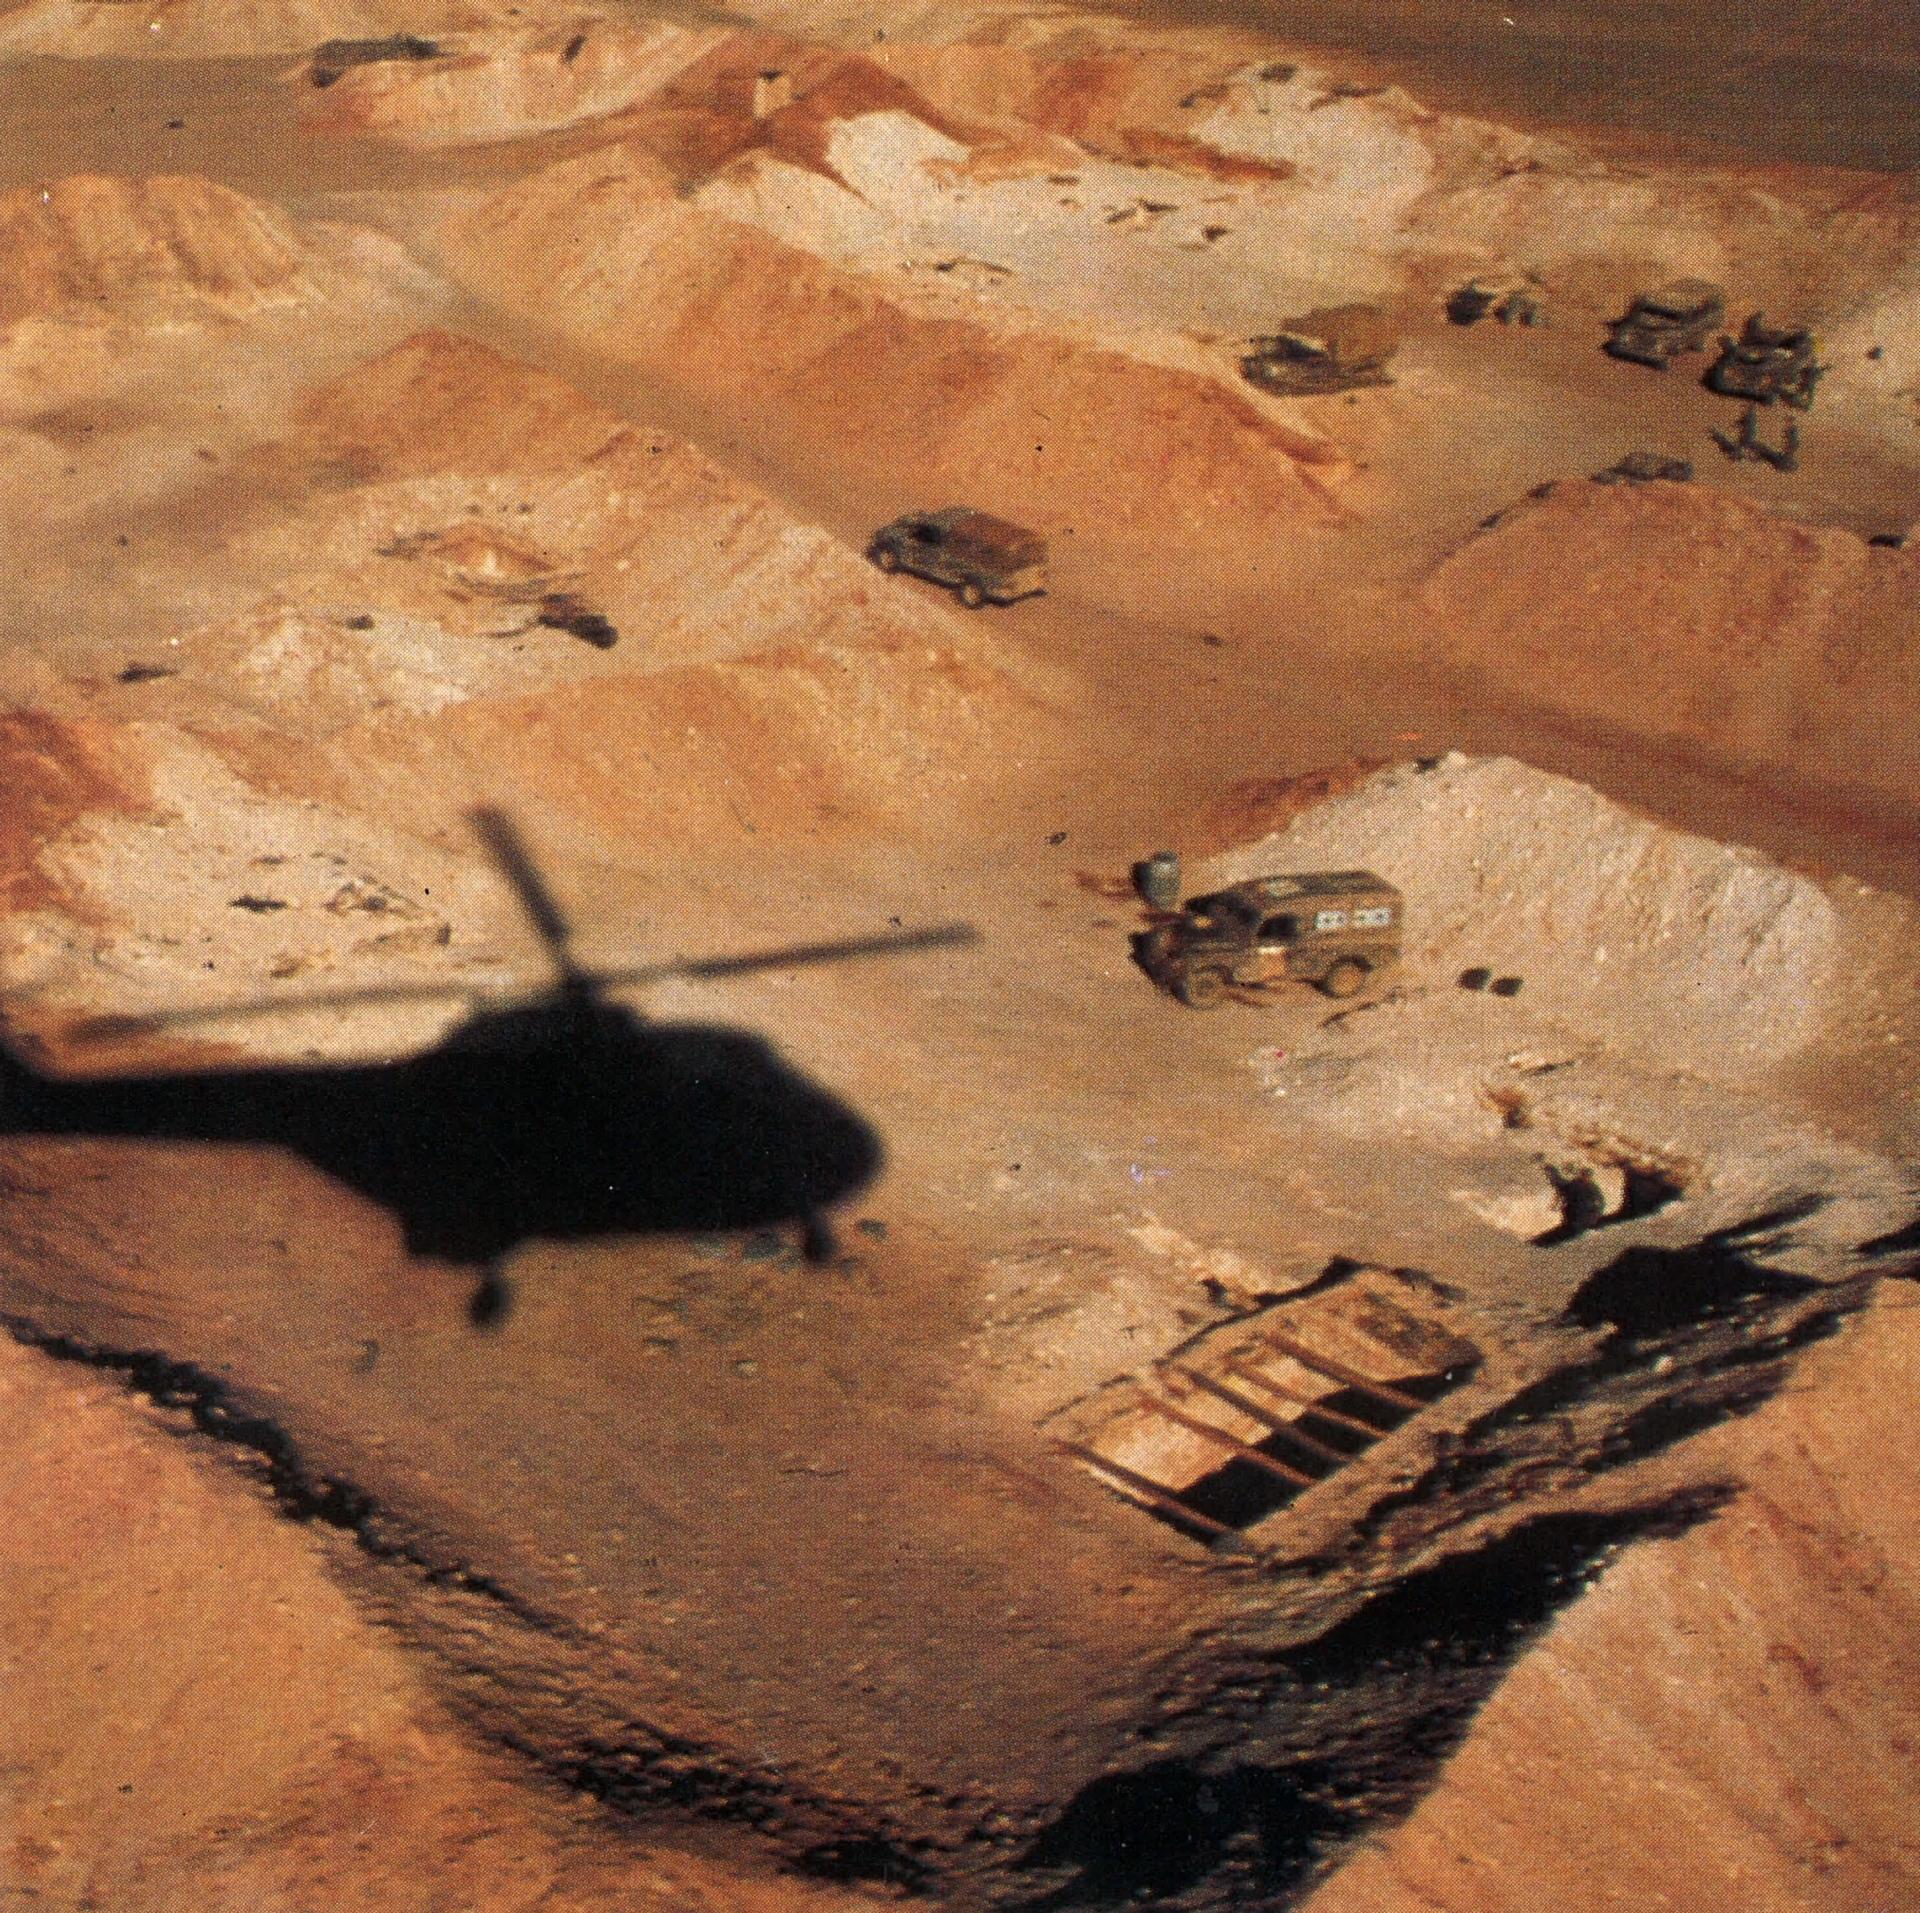 la ceinture de sécurité au sahara marocain - Page 14 161006045534403511